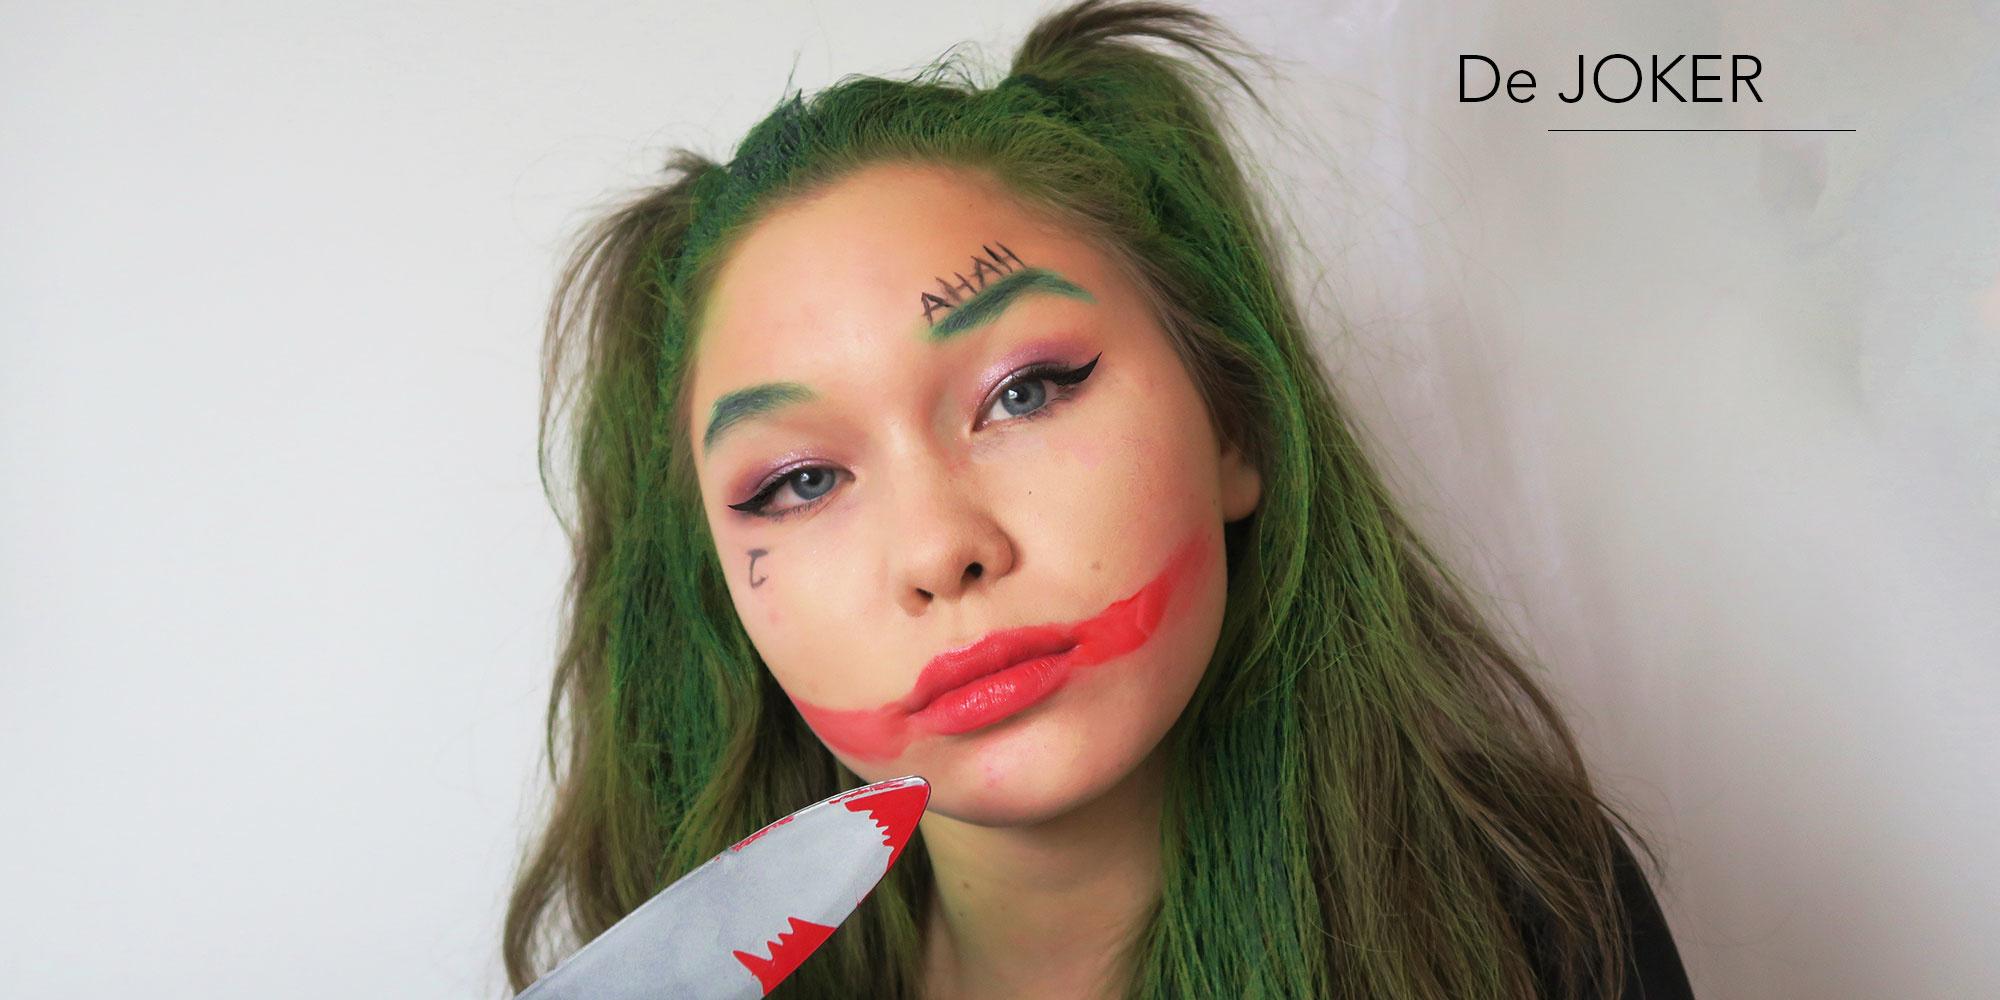 The Joker make-up look clown